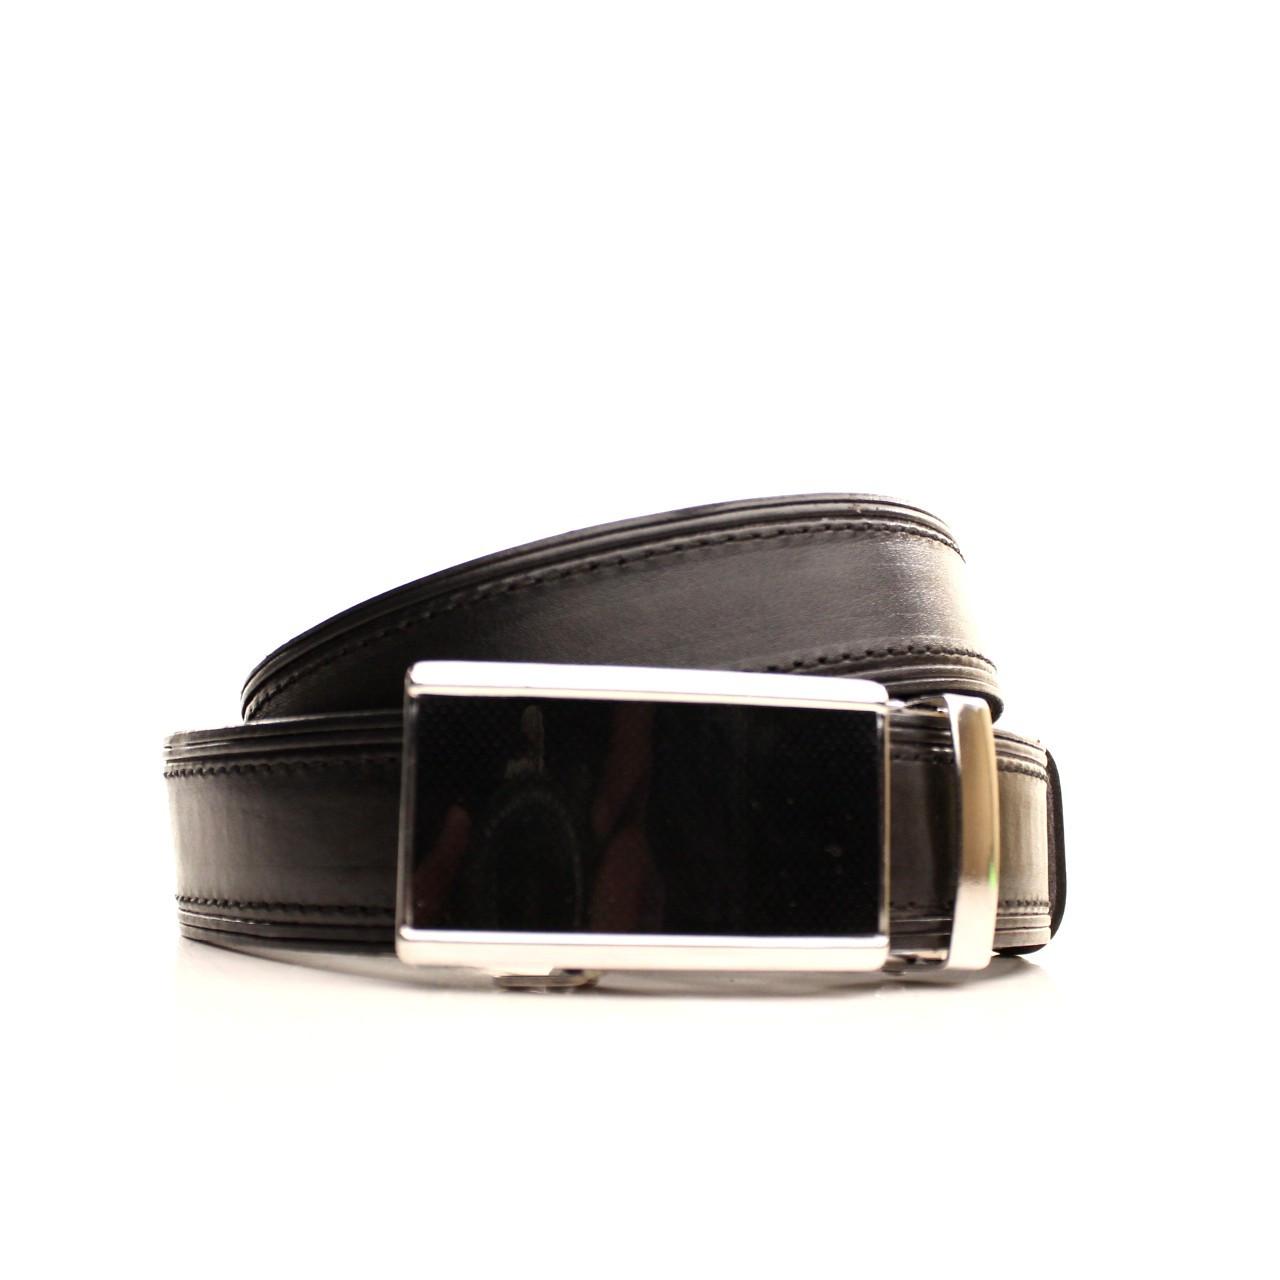 Ремень кожаный Lazar 120-125 см черный l35u1a90